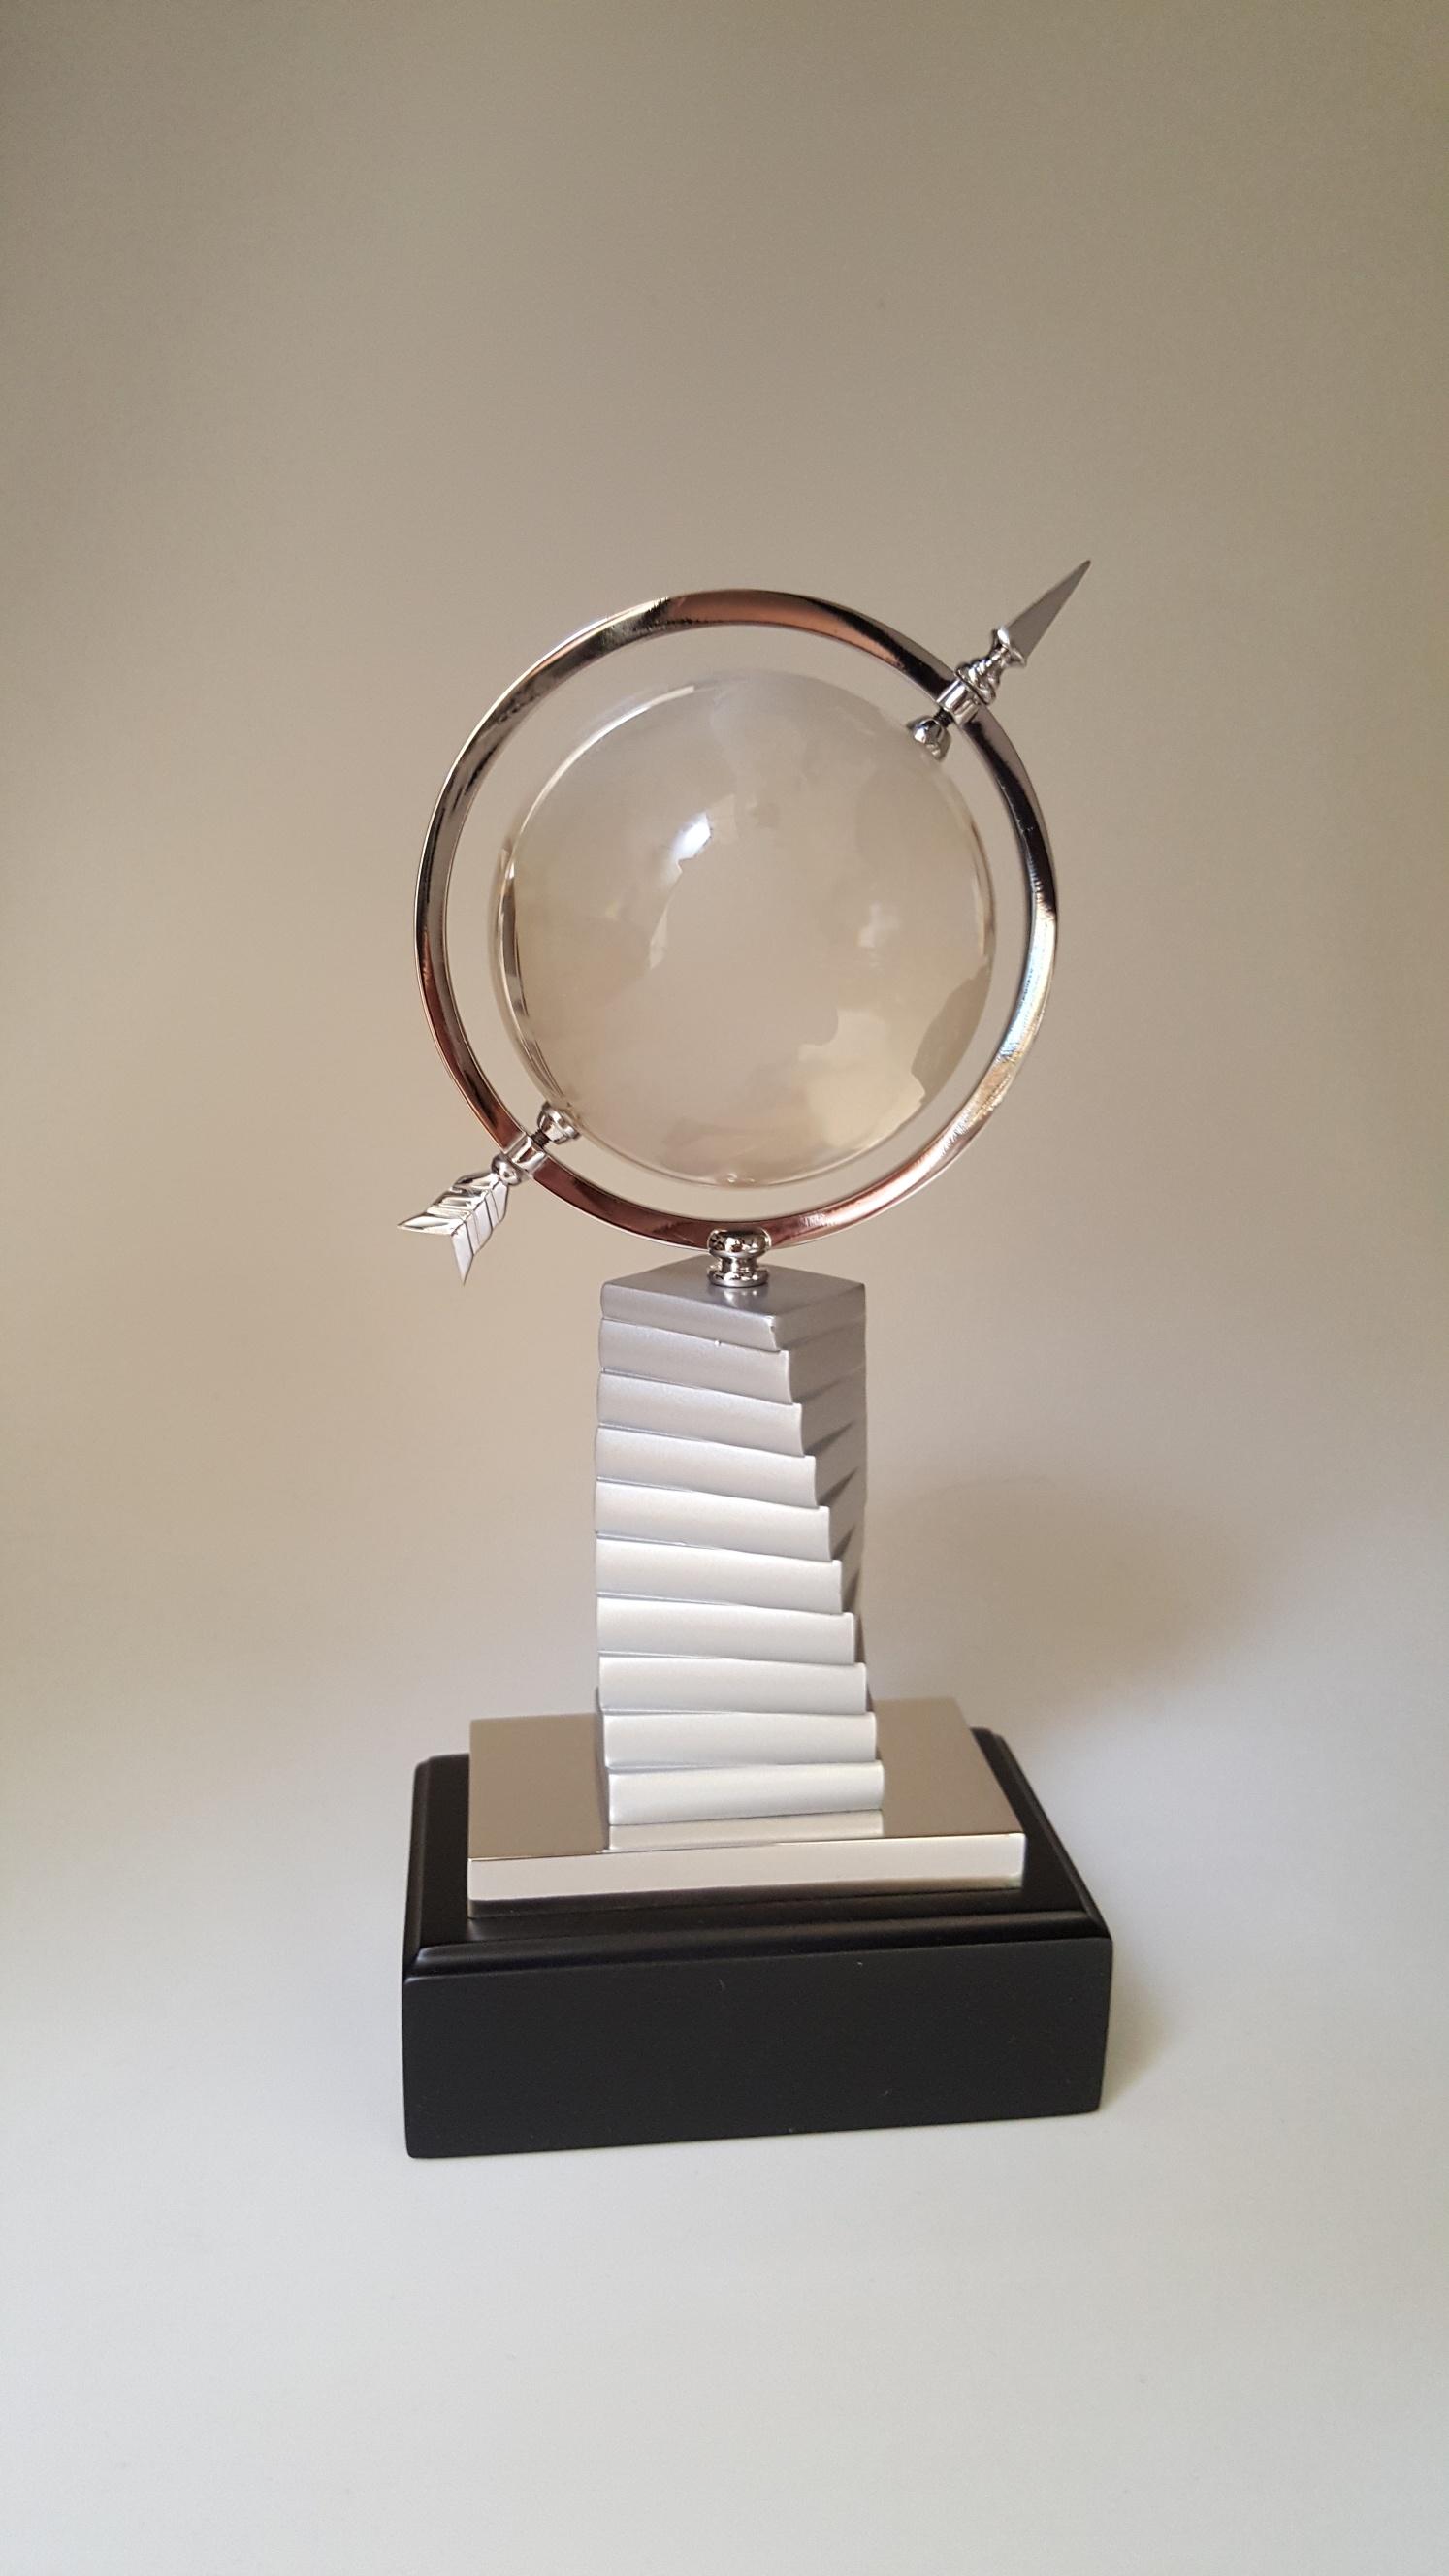 Bluestone Designs W369 Crystal Globe on Books